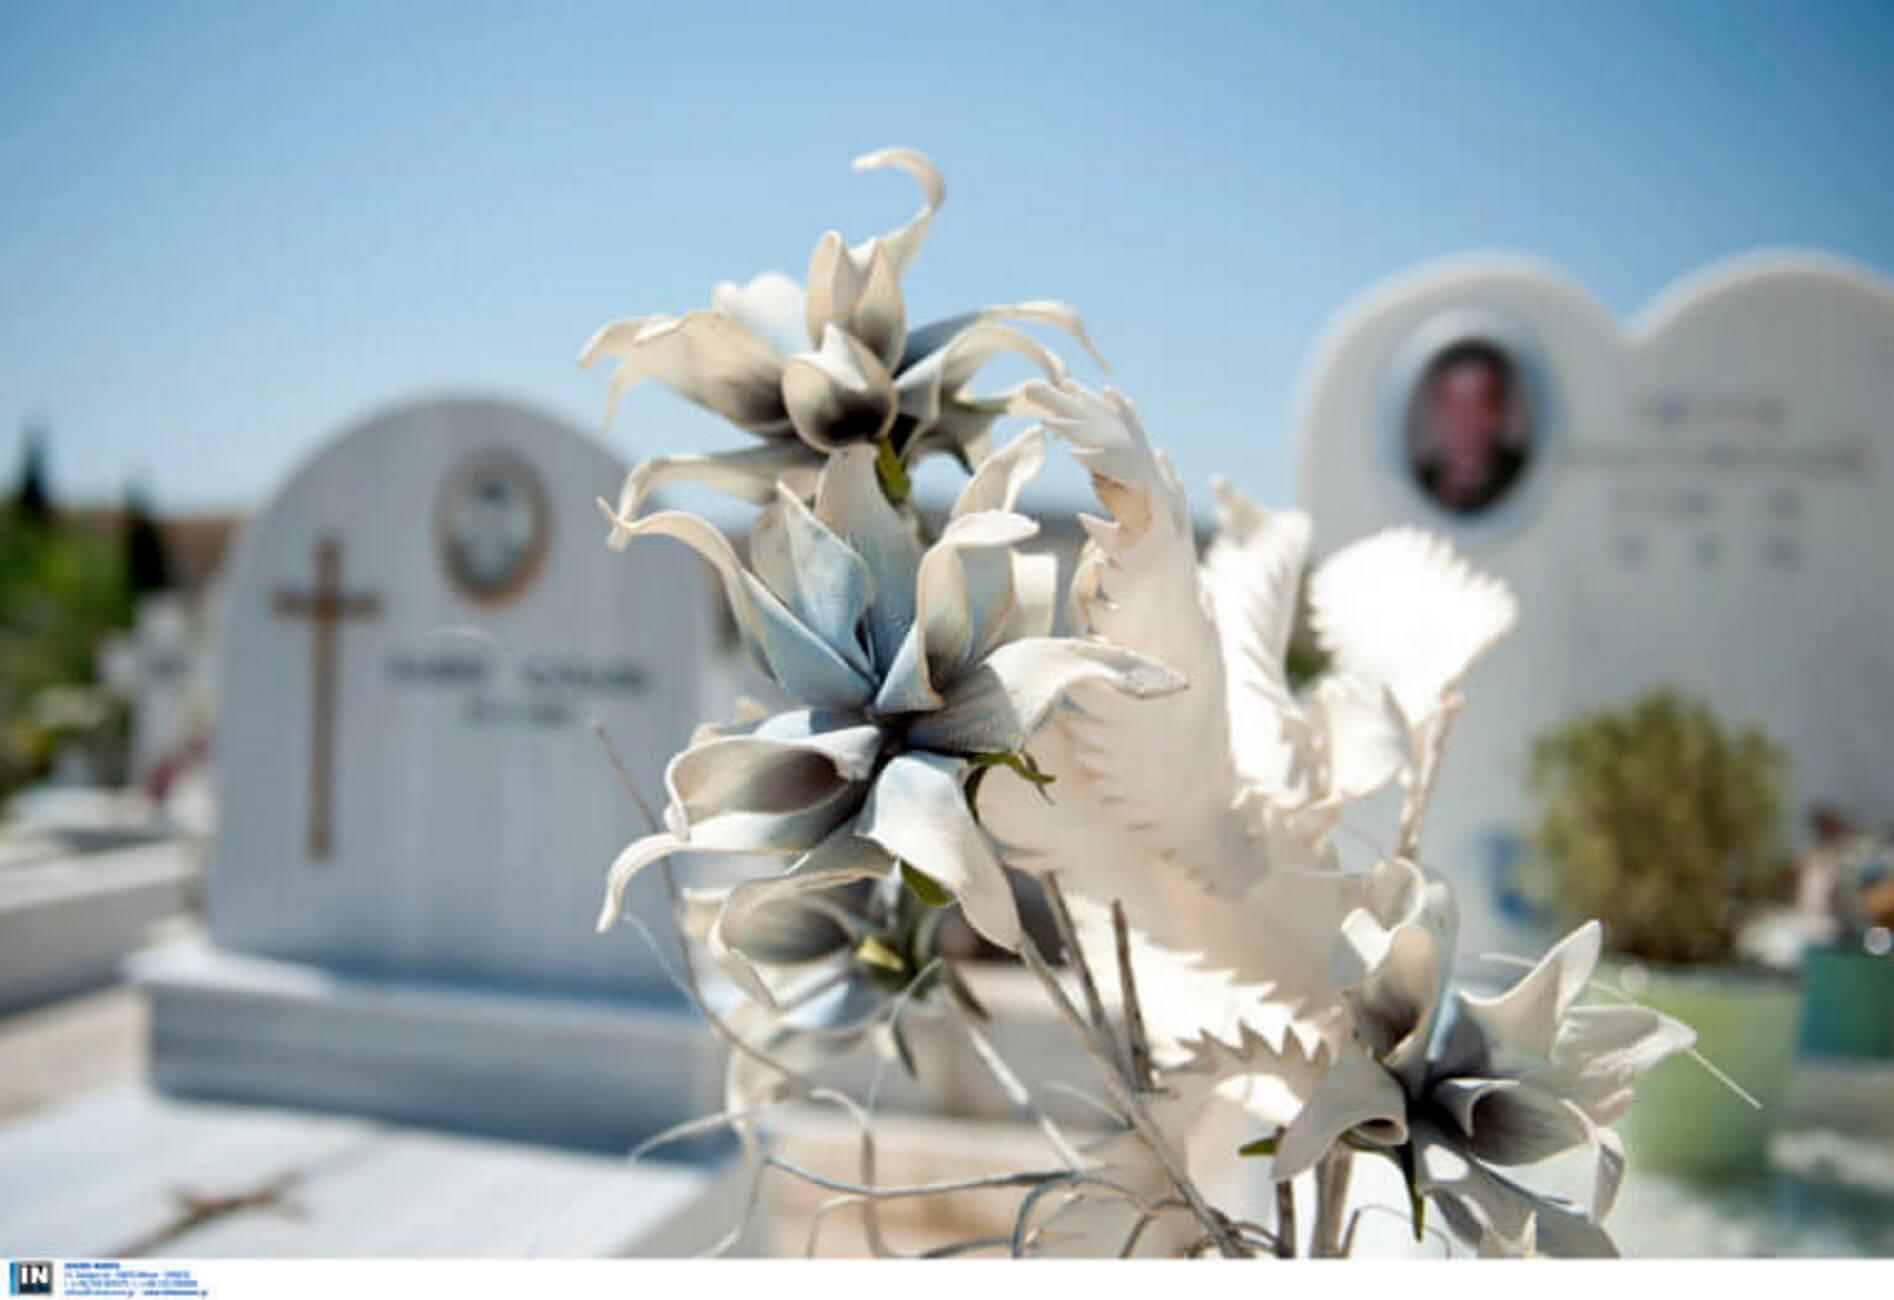 Θεσσαλονίκη – Κορονοϊός: Ψυχολόγος στο νεκροταφείο της Θέρμης – Μεγαλώνει η μαύρη λίστα των θυμάτων